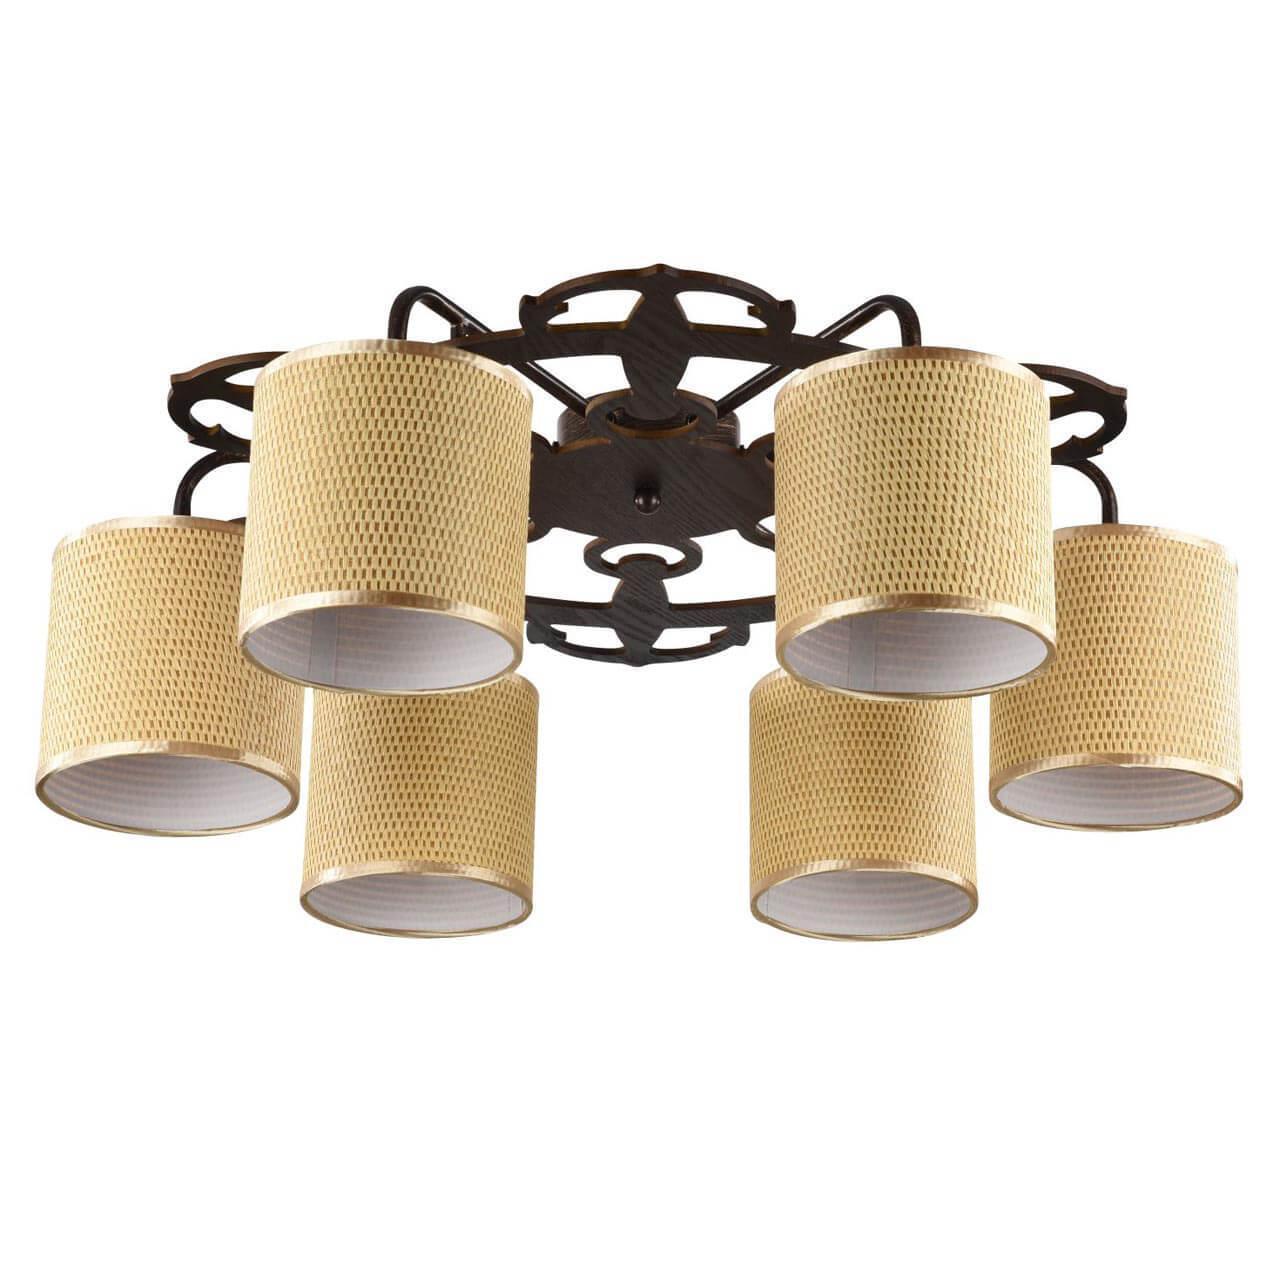 Потолочный светильник Freya FR5100-CL-06-BR, E14, 40 Вт потолочная люстра freya fr5100 cl 08 br